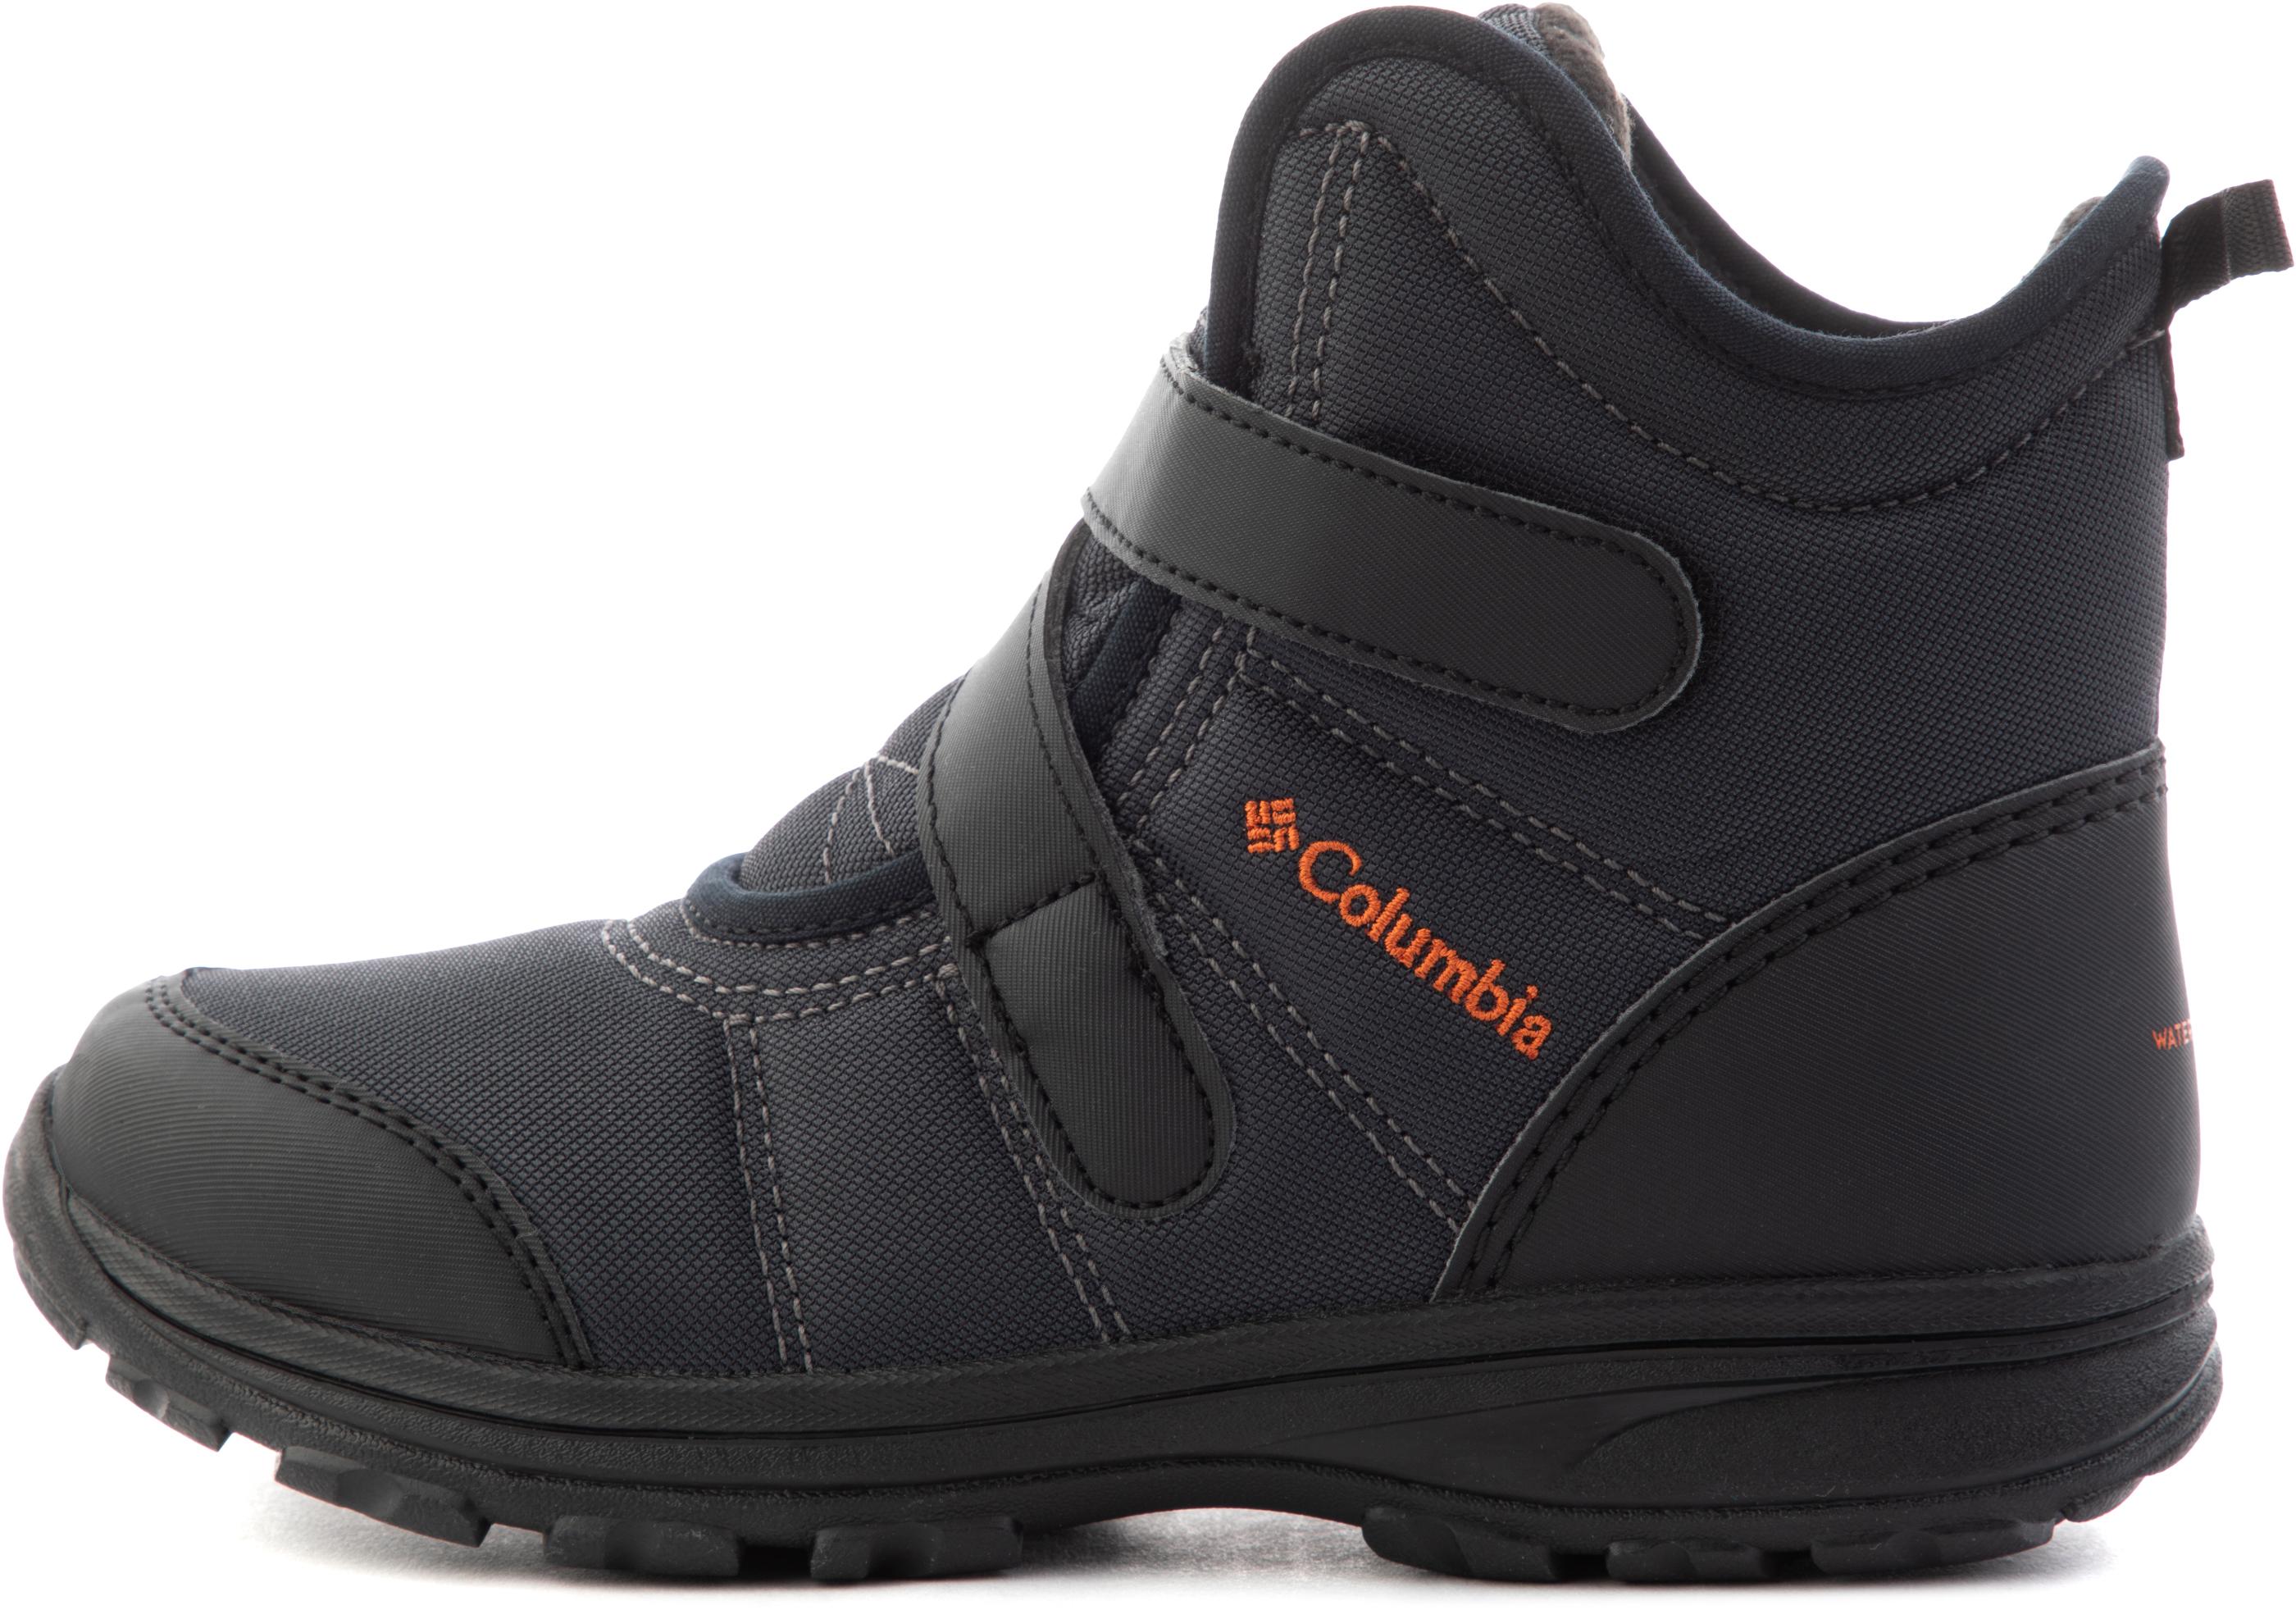 Columbia Ботинки утепленные для мальчиков Youth Fairbanks, размер 39